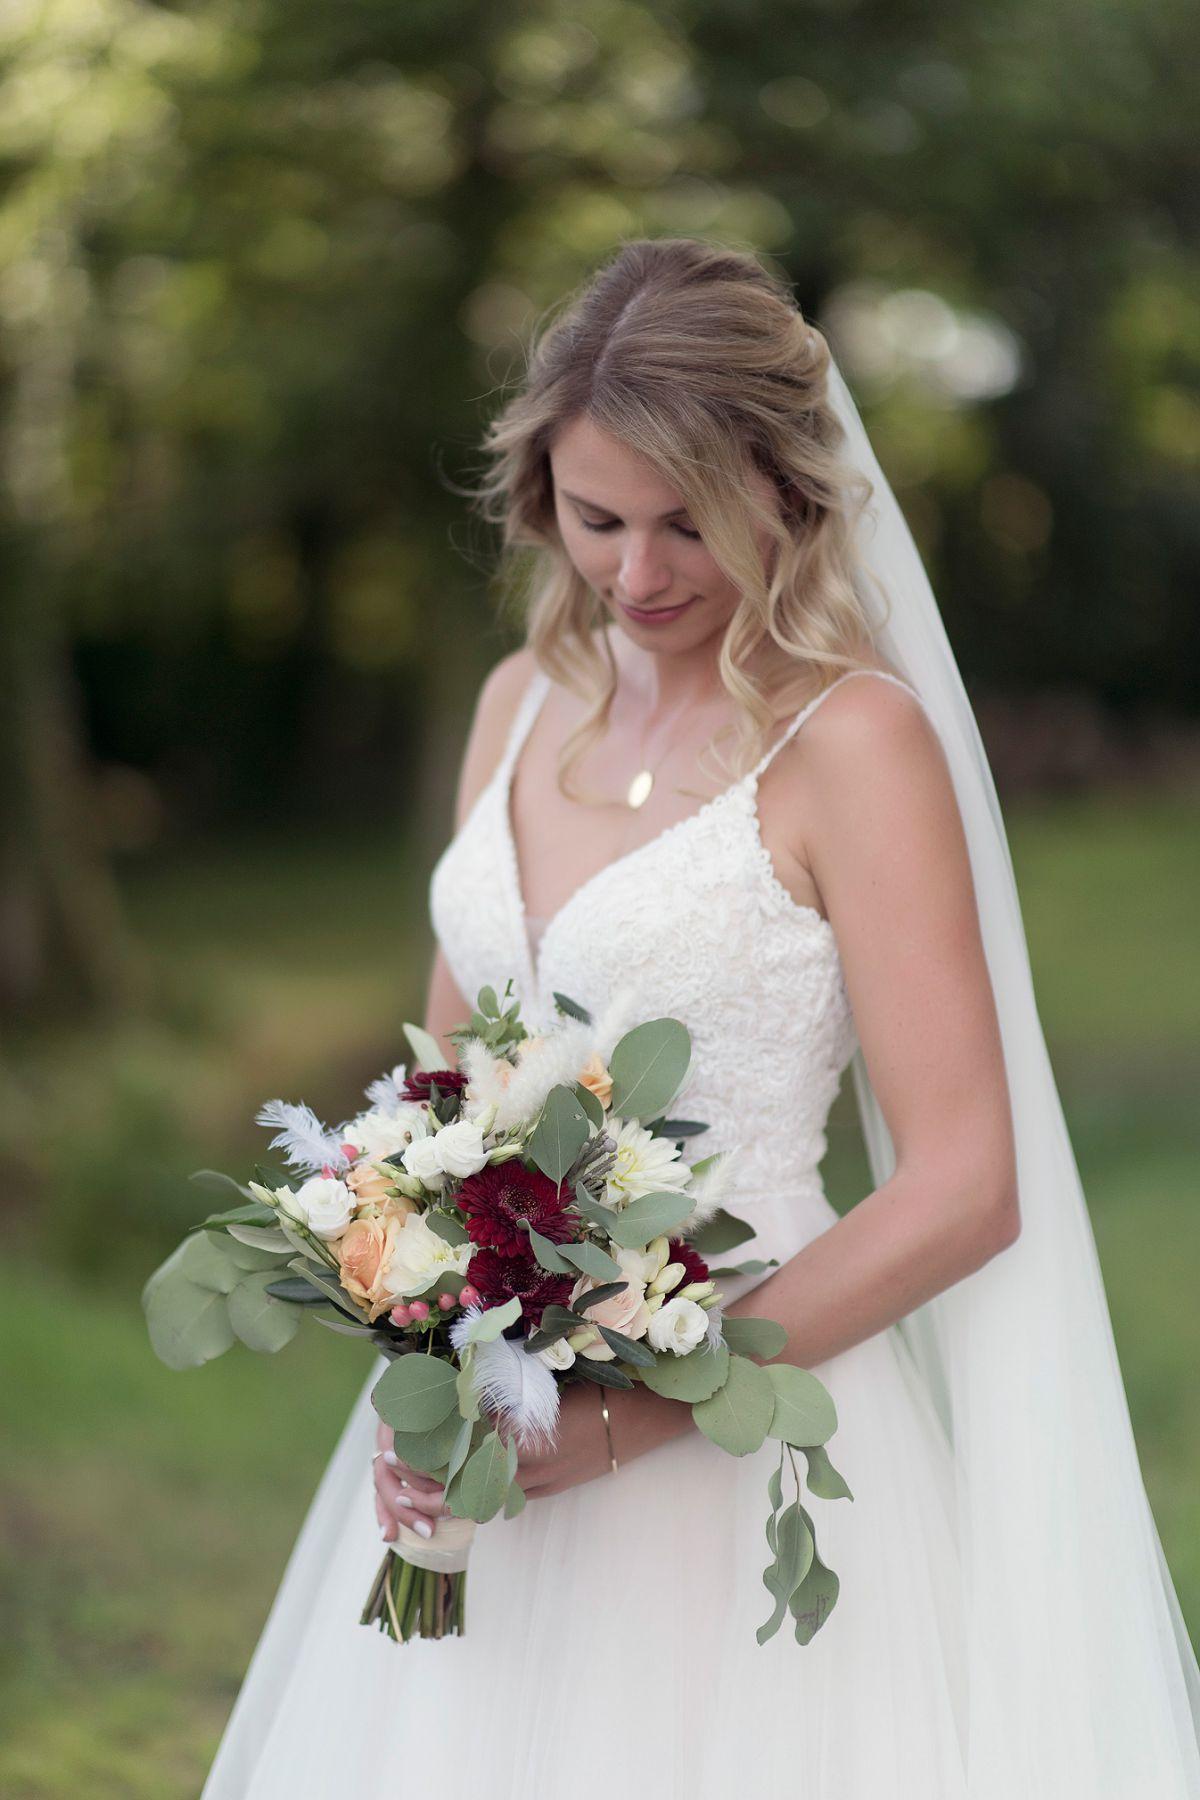 hochzeitsfotograf hochzeit bilder heiraten in frankfurt hochzeitslocation nidda bad salzhausen standesamt freie trauung brautstrauß